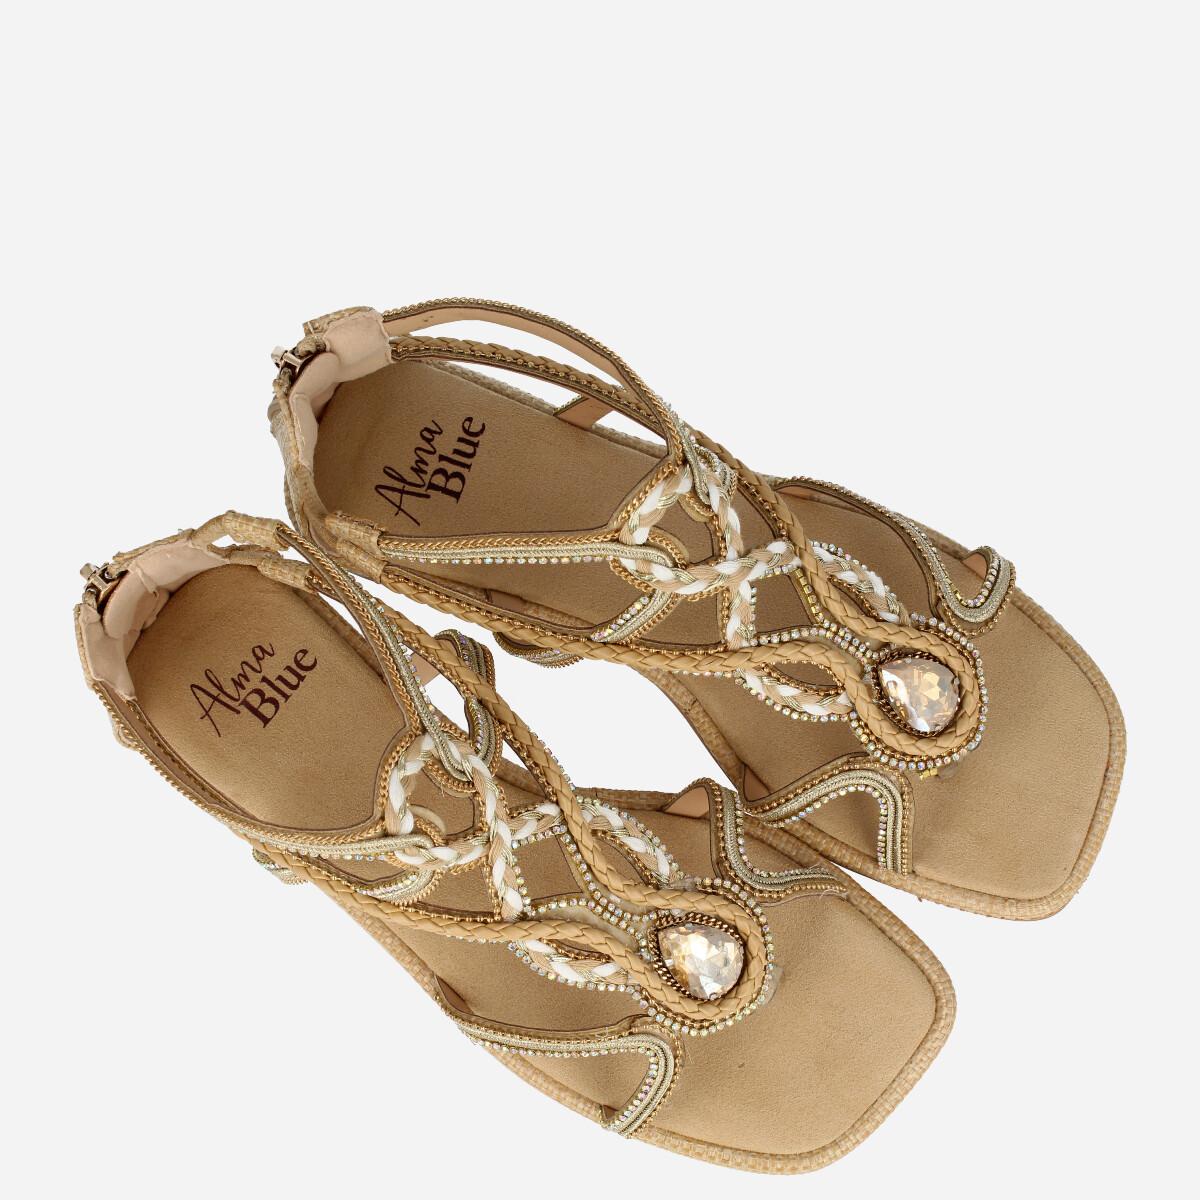 Sneaker Merrill 01Nys Coral